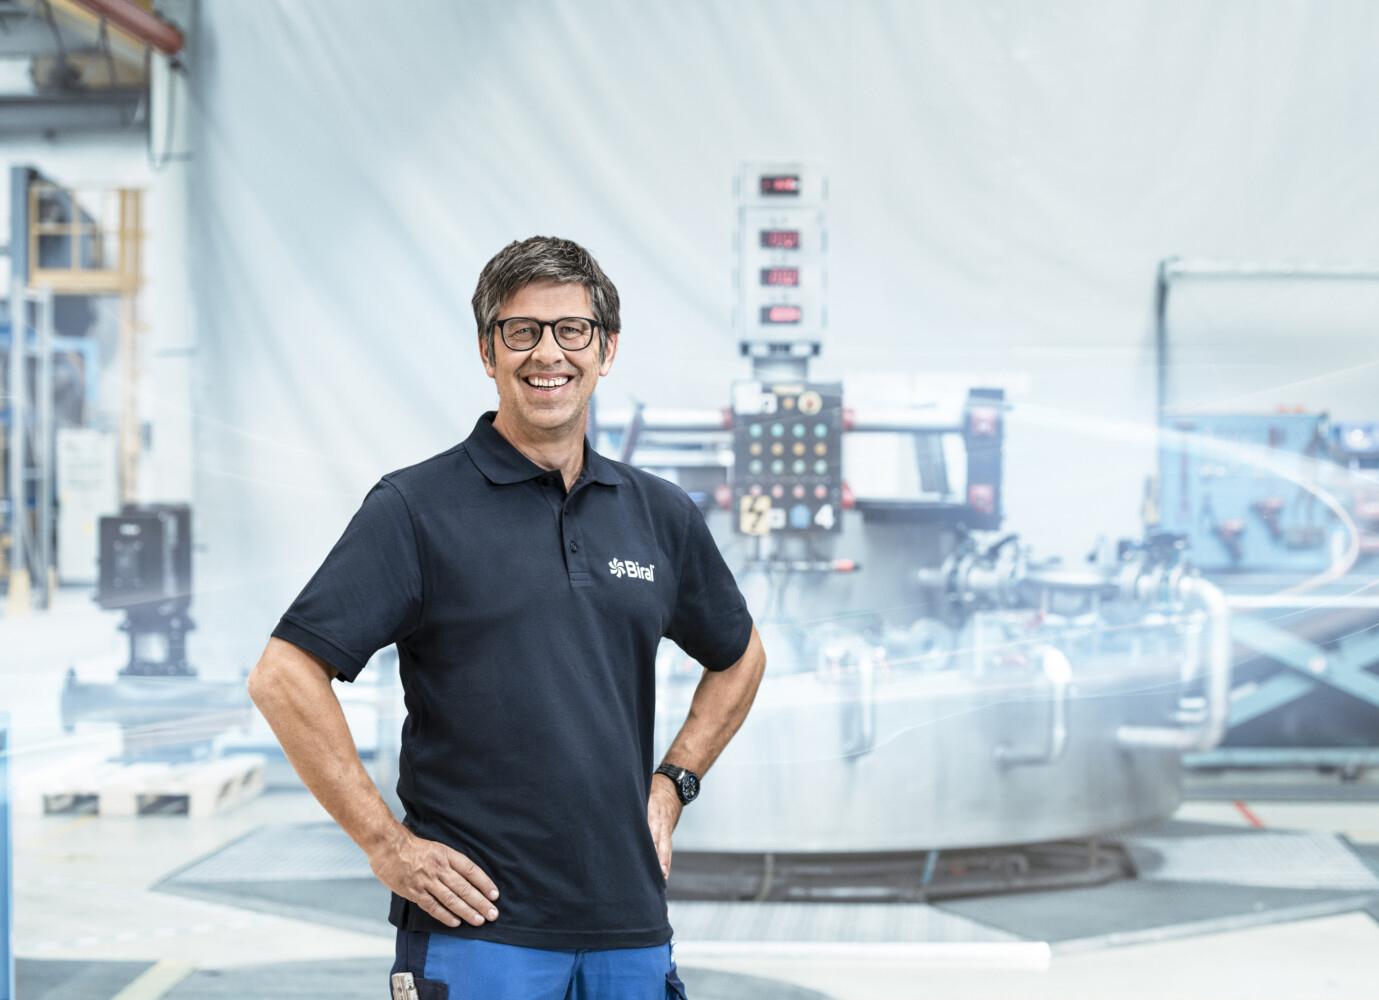 Melchior Zürcher, Hoofd Productie en Logistiek